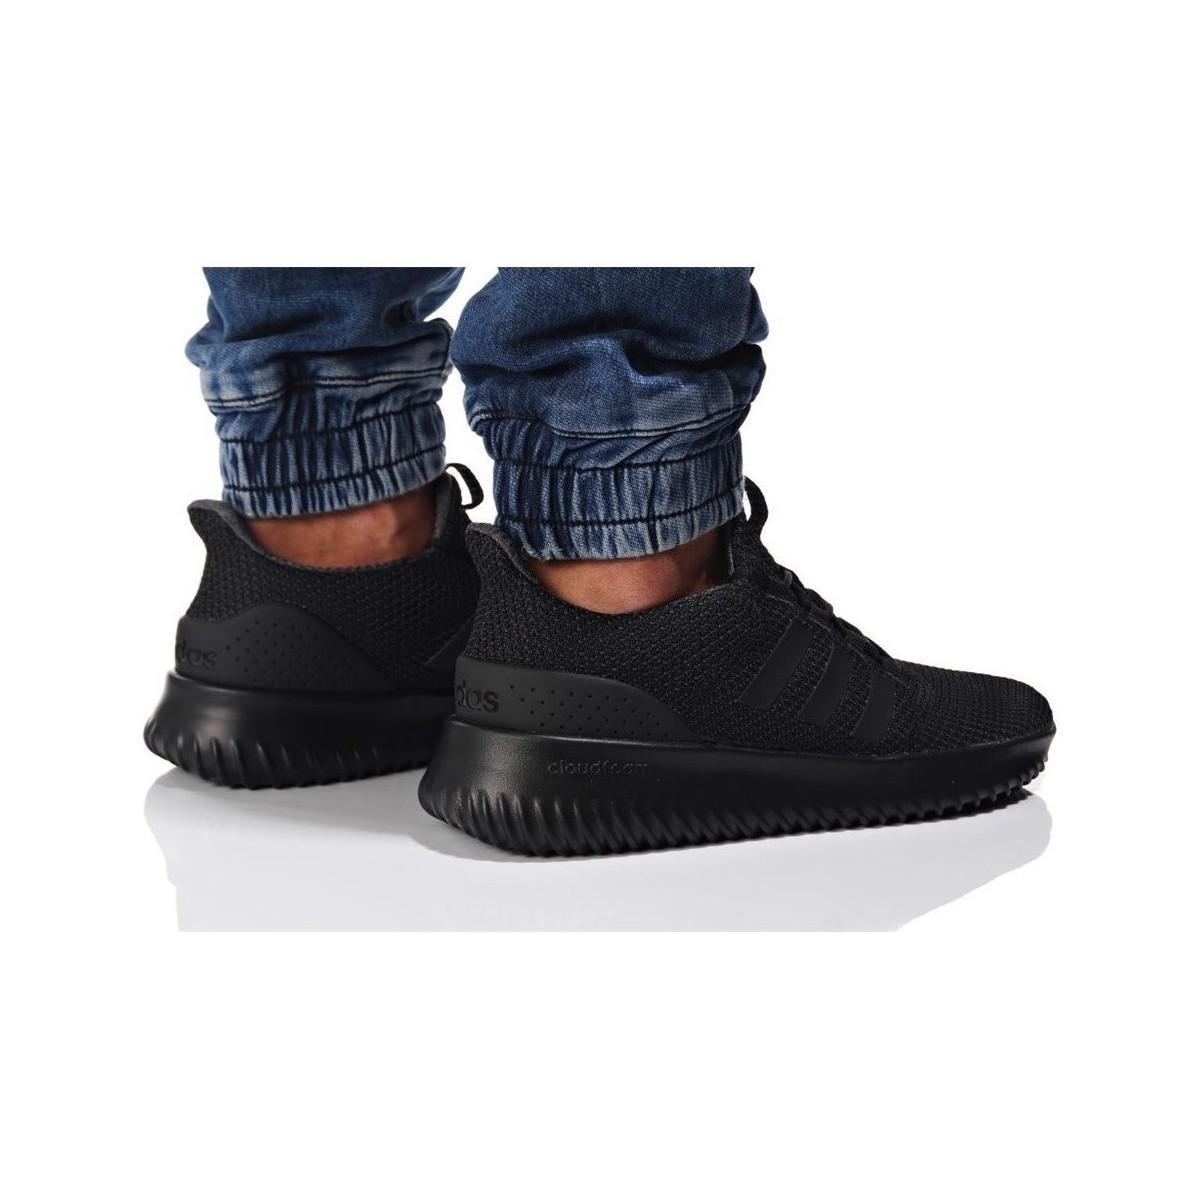 adidas Cloudfoam Ultimate Men's Shoes